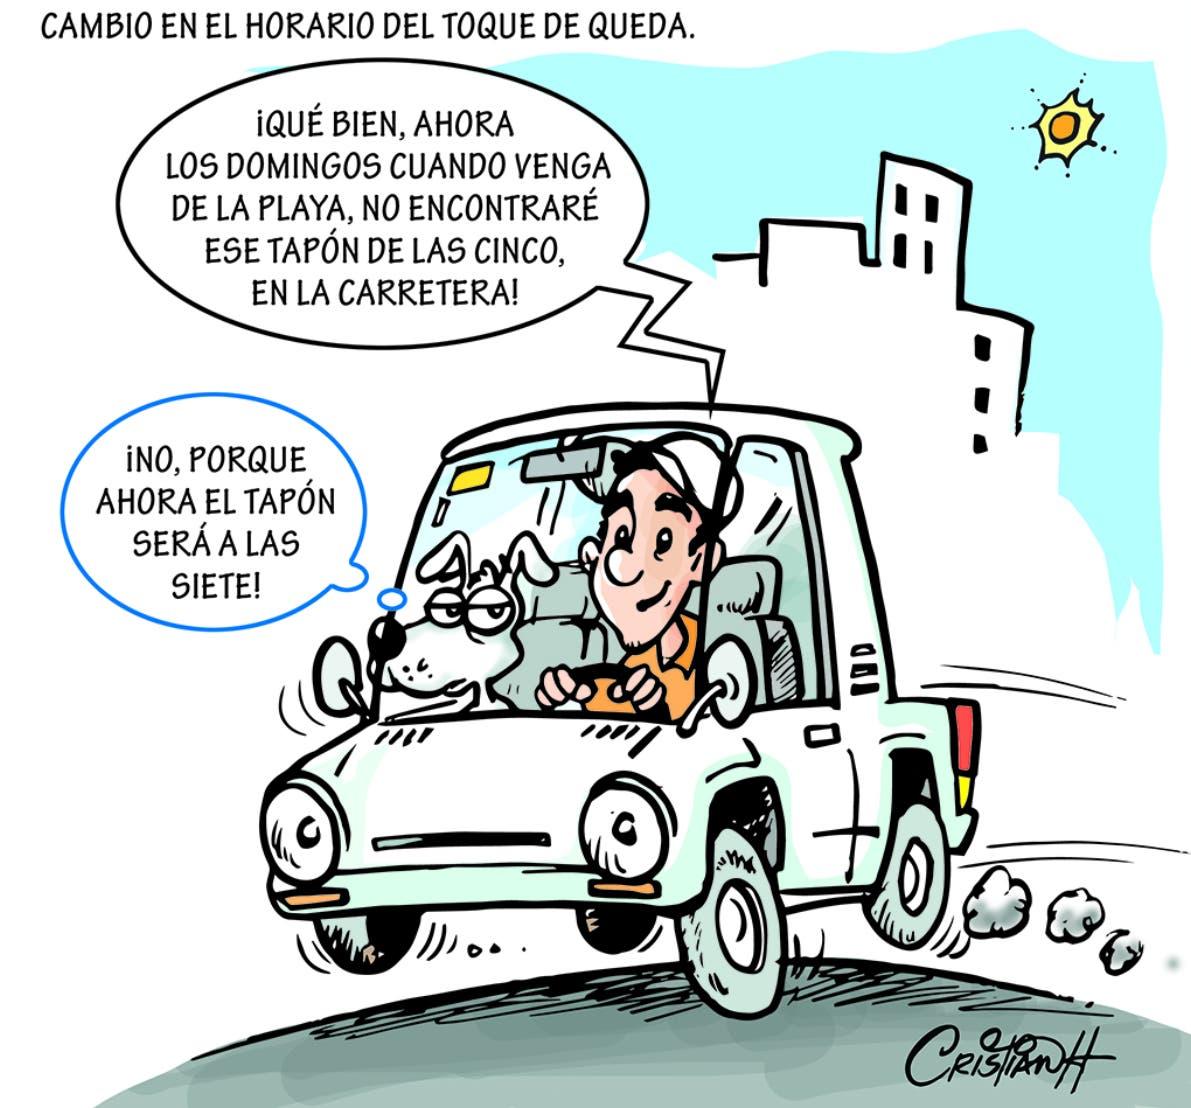 Caricatura Cristian Caricaturas – El Día, 23 de Septiembre, 2020